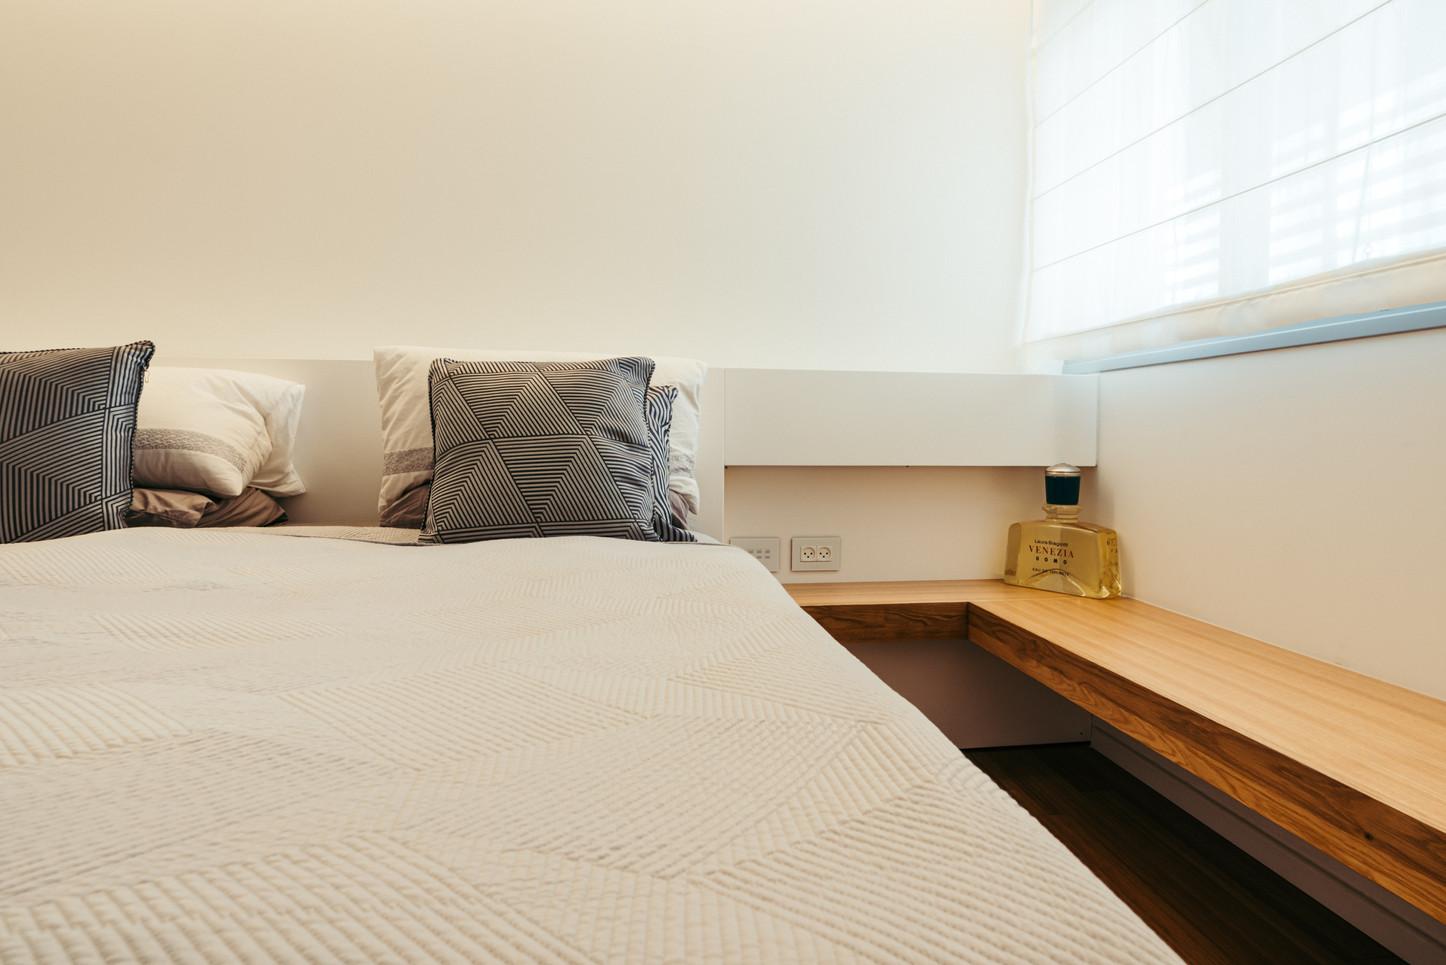 מיטה וגב 2.jpg